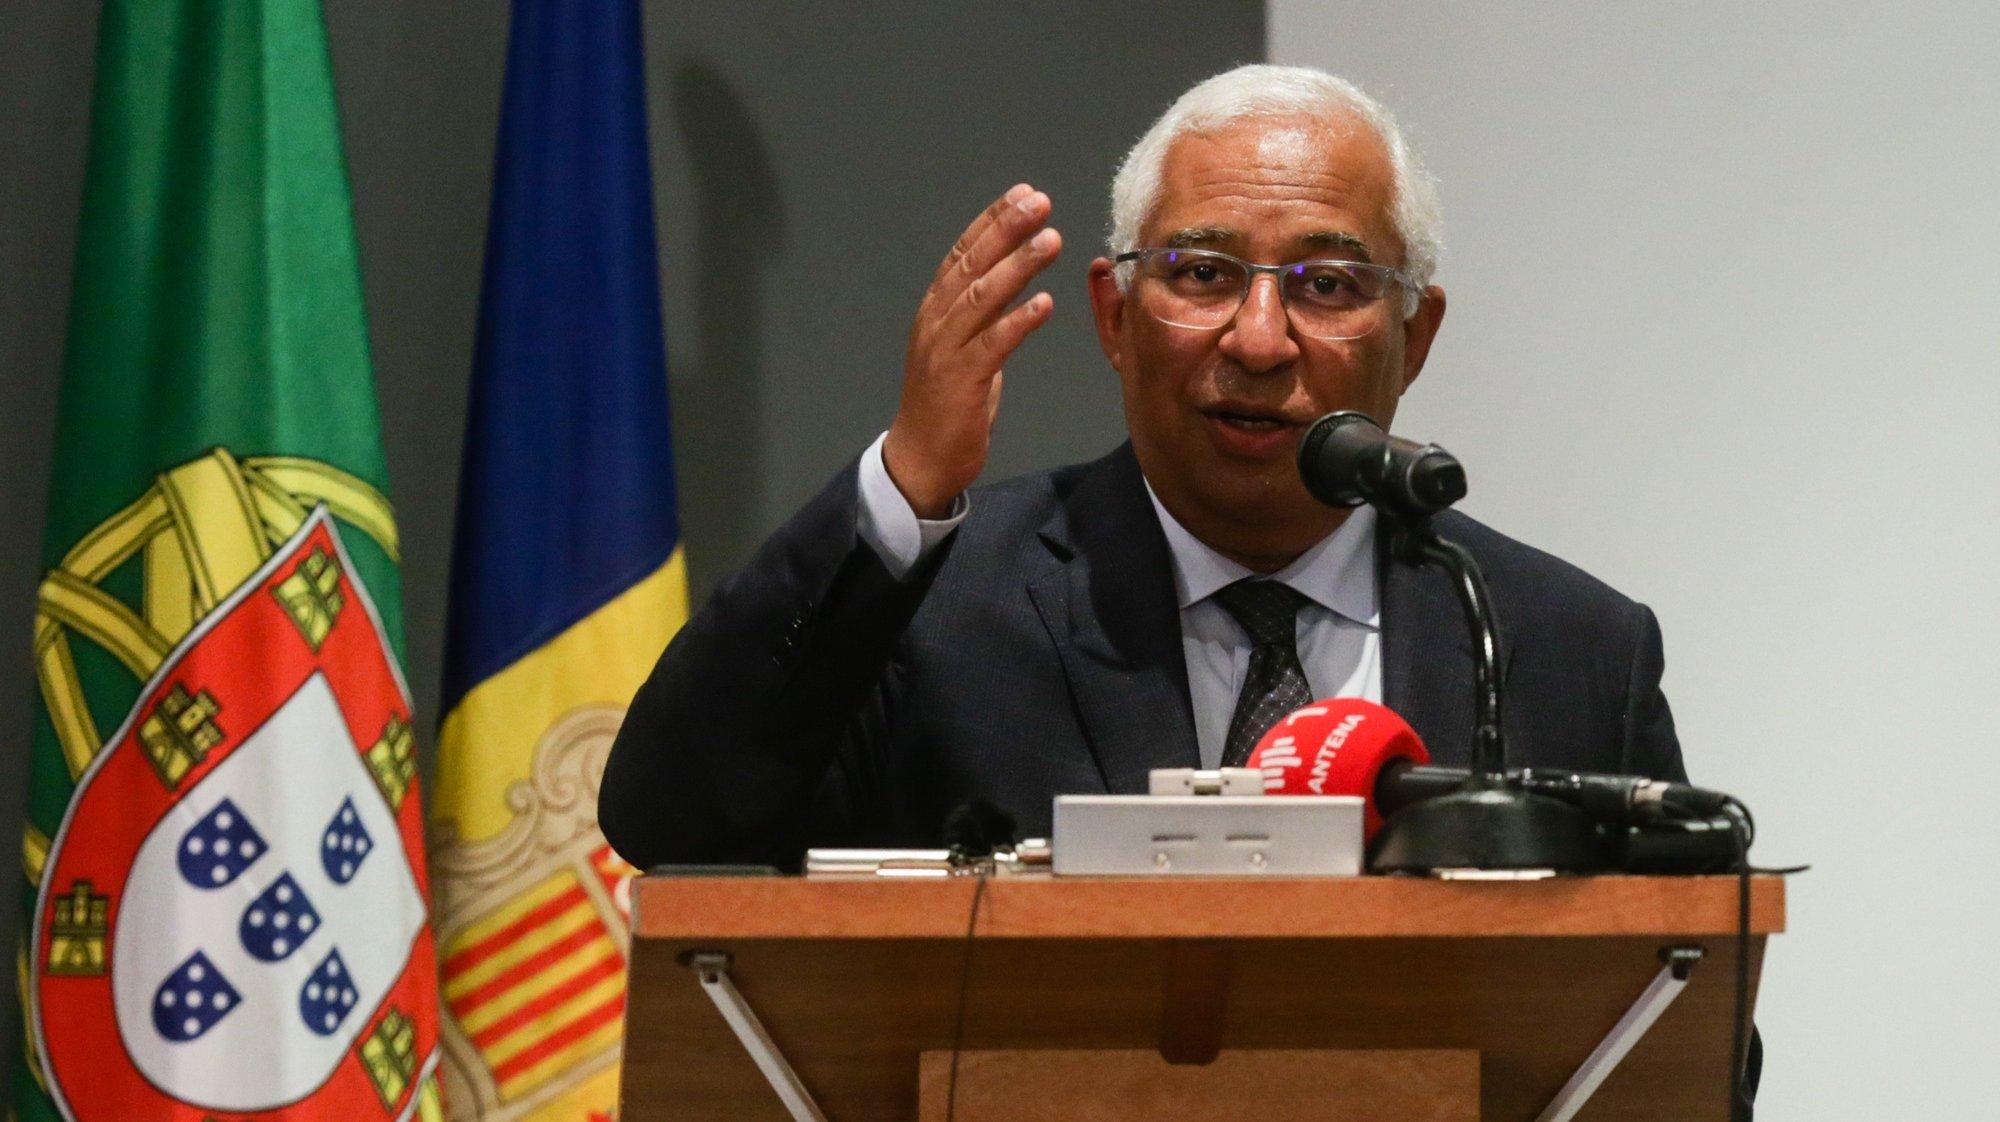 O primeiro-ministro, António Costa, fala num encontro com representantes da Comunidade Portuguesa em Andorra, no âmbito da XXVII Cimeira Ibero-Americana, Andorra, 20 de abril de 2021. TIAGO PETINGA/LUSA